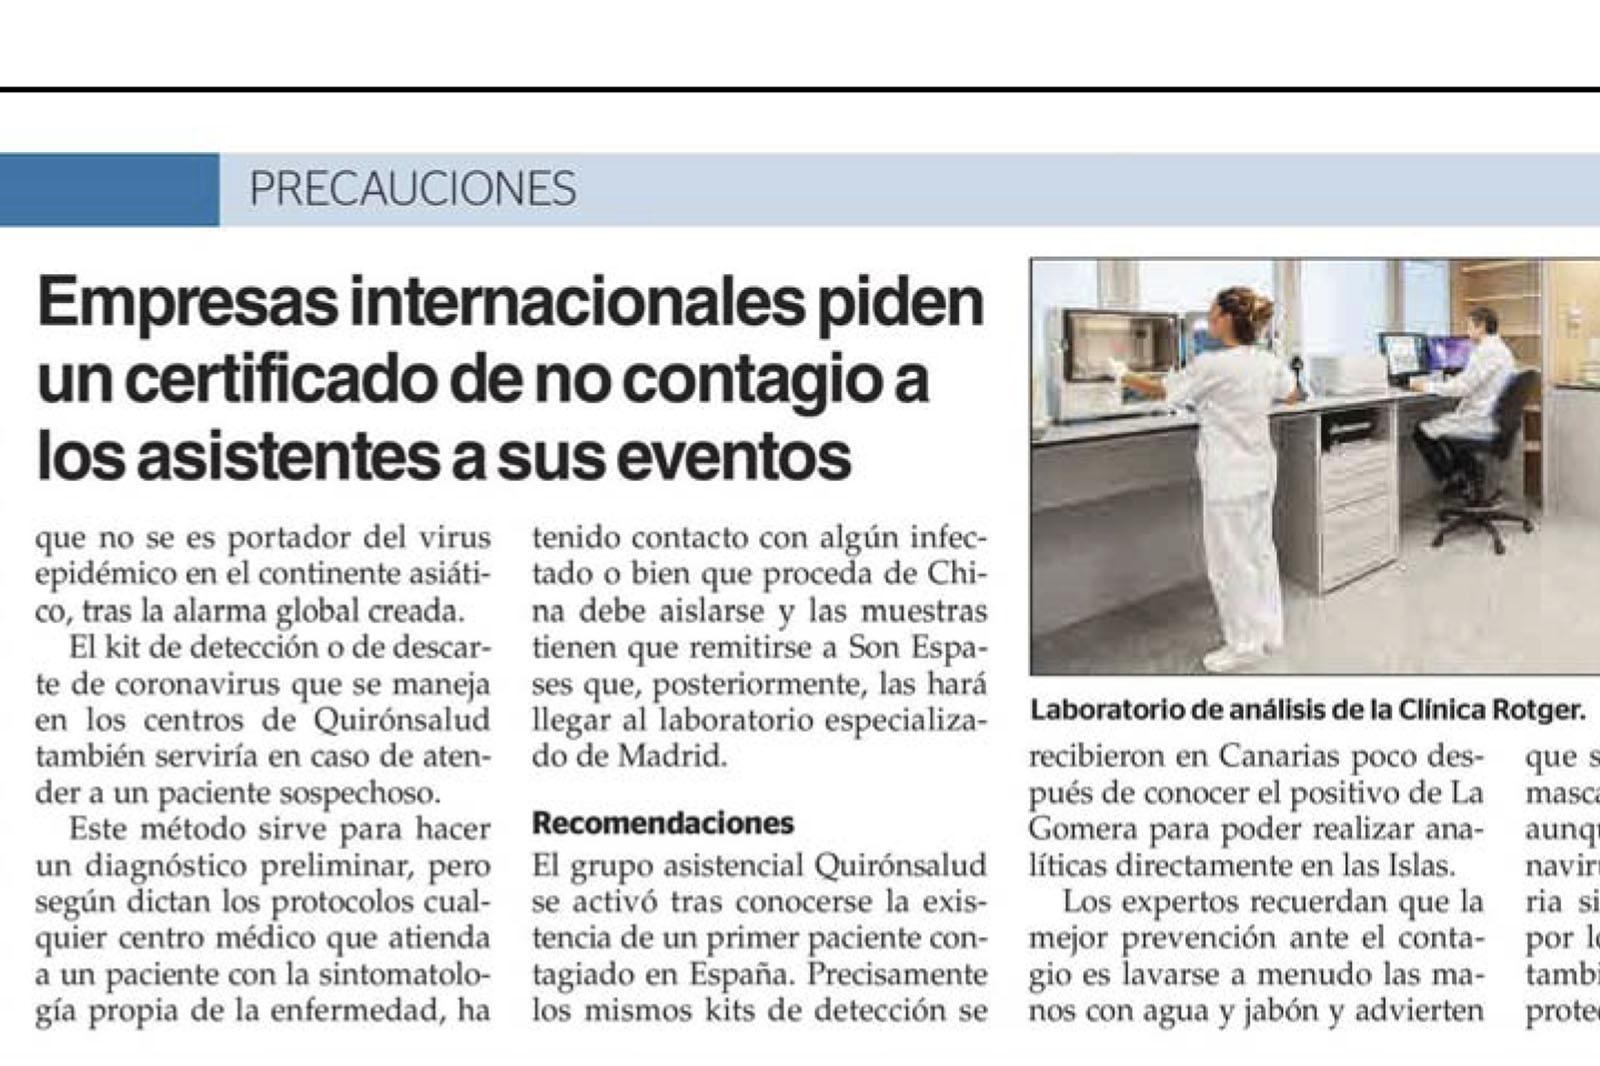 II-Detección-Coronavirus-Wuhan-Covid-19-Clínica-Rotger-Hospital-Mallorca